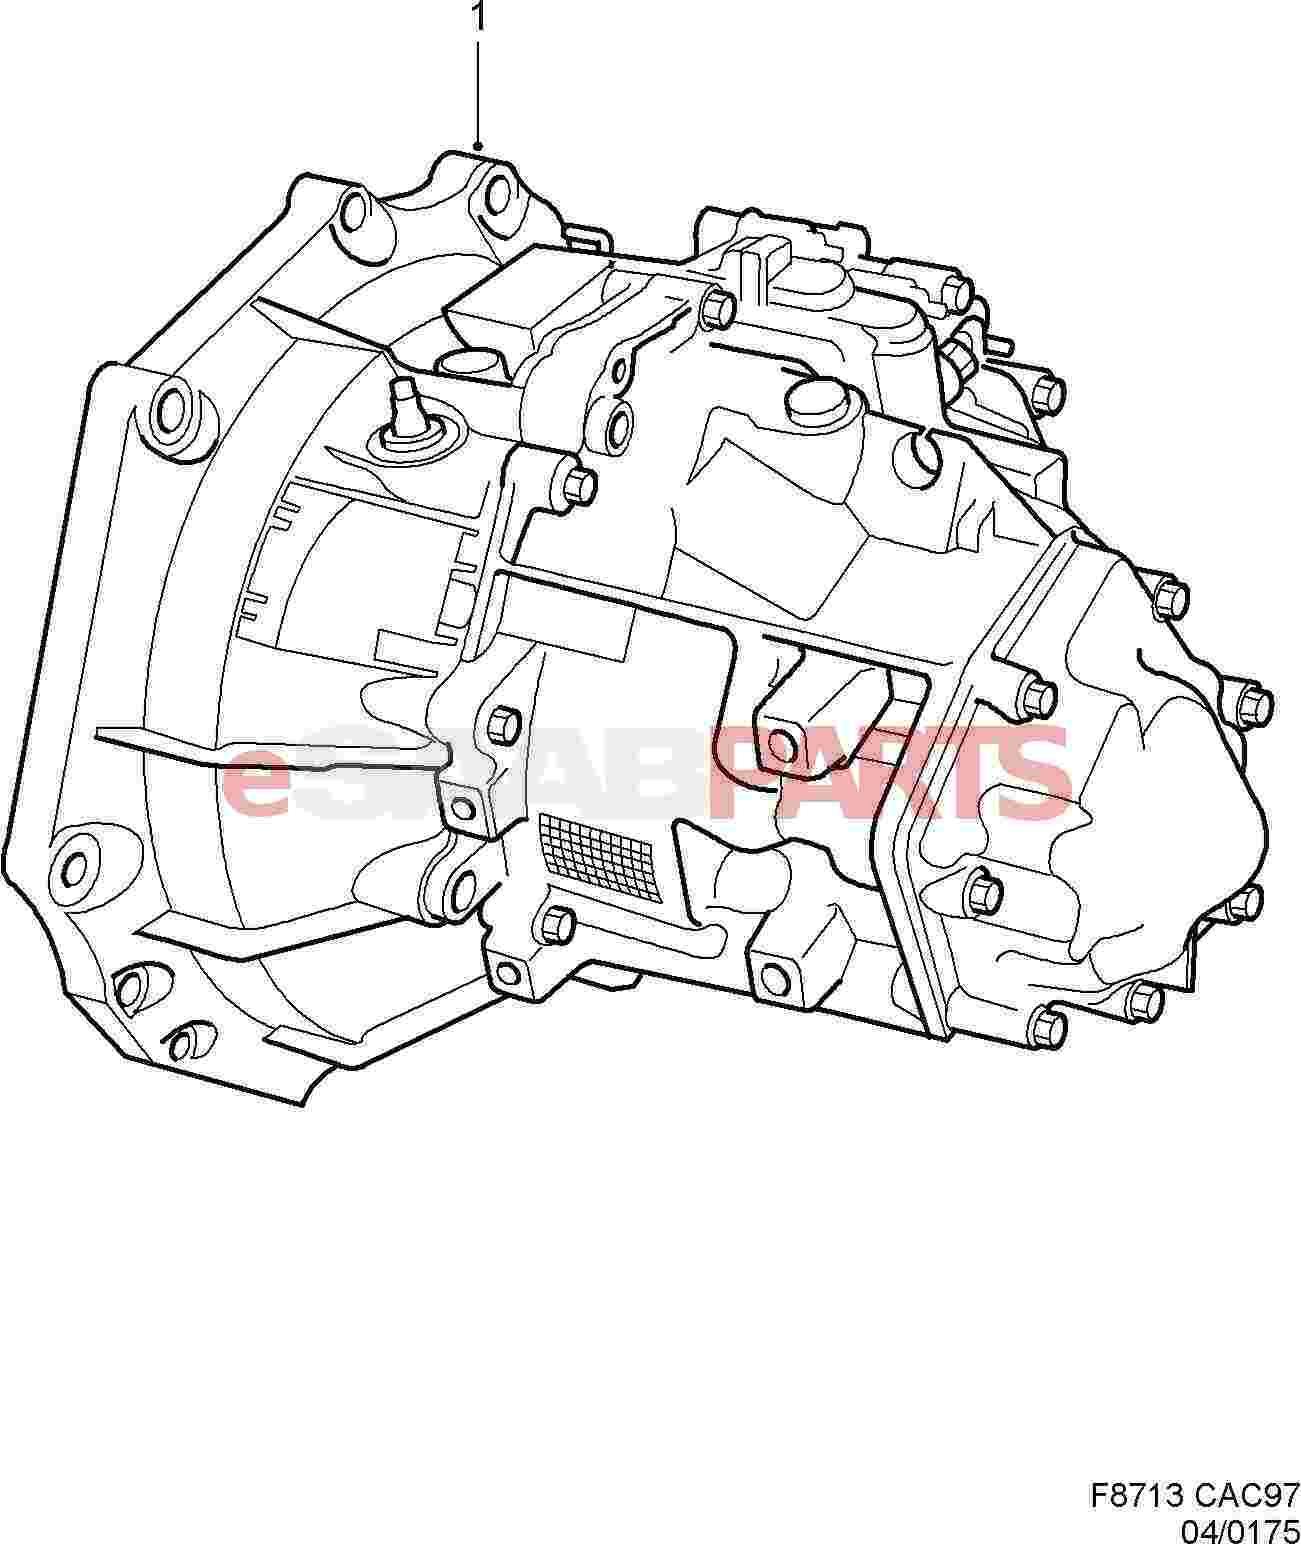 Saab Fm55 B10 5 Speed Manual Transmission